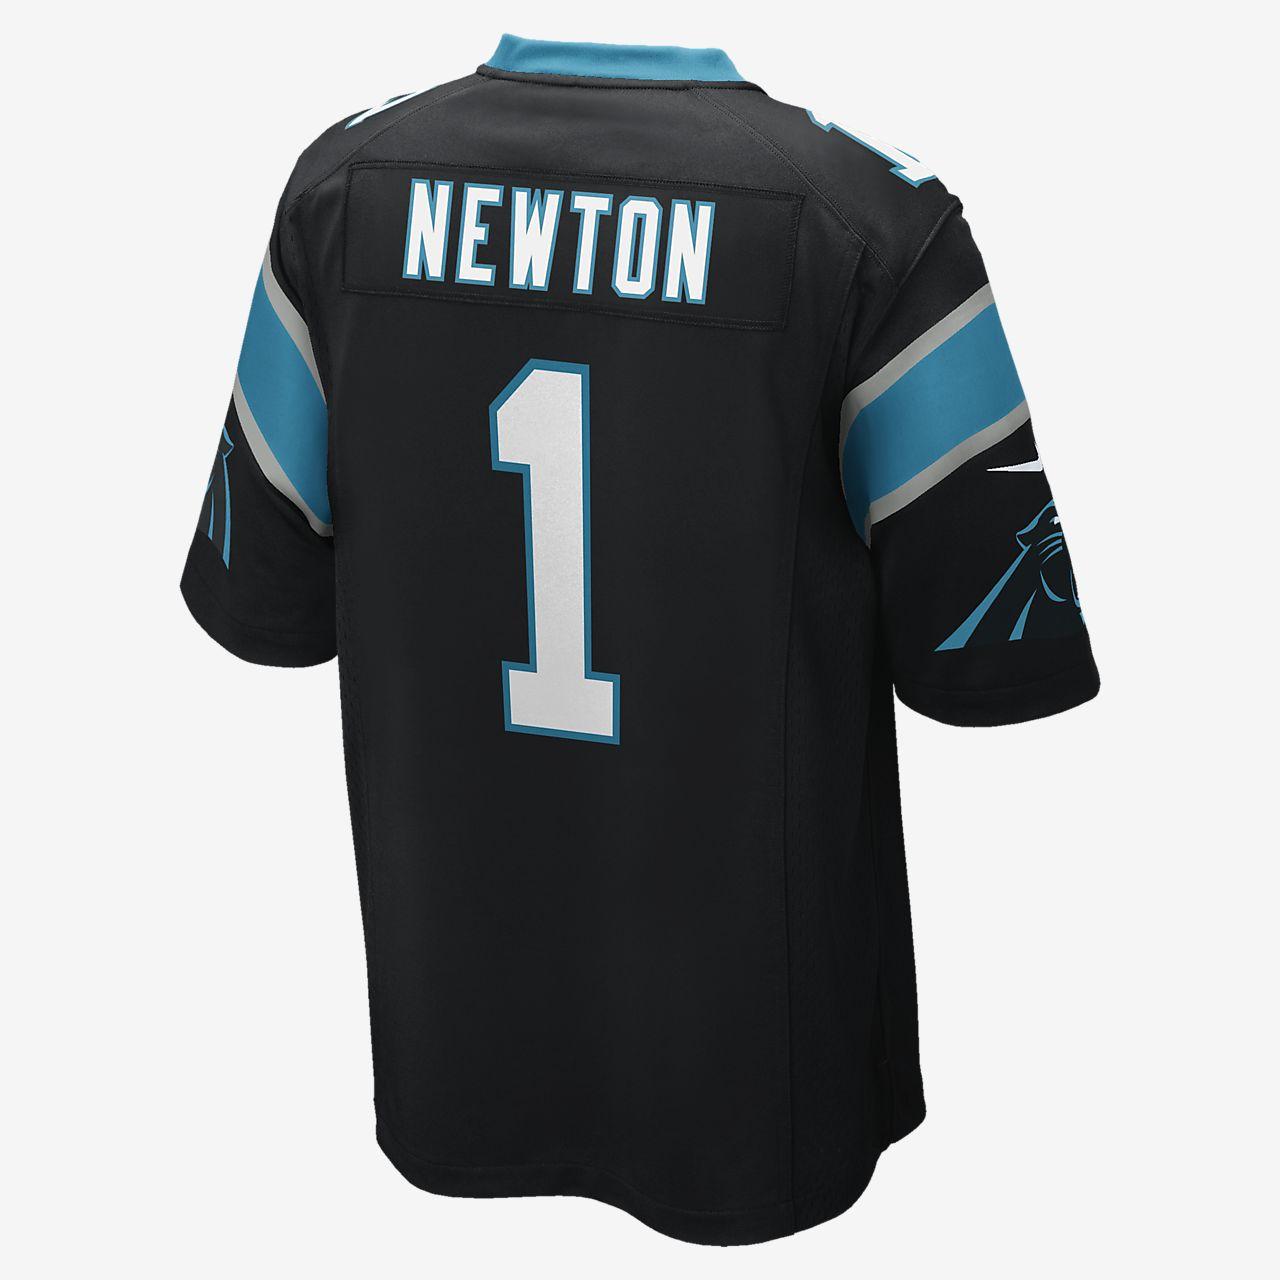 9672afc8 ... NFL Carolina Panthers (Cam Newton) Men's Football Home Game Jersey